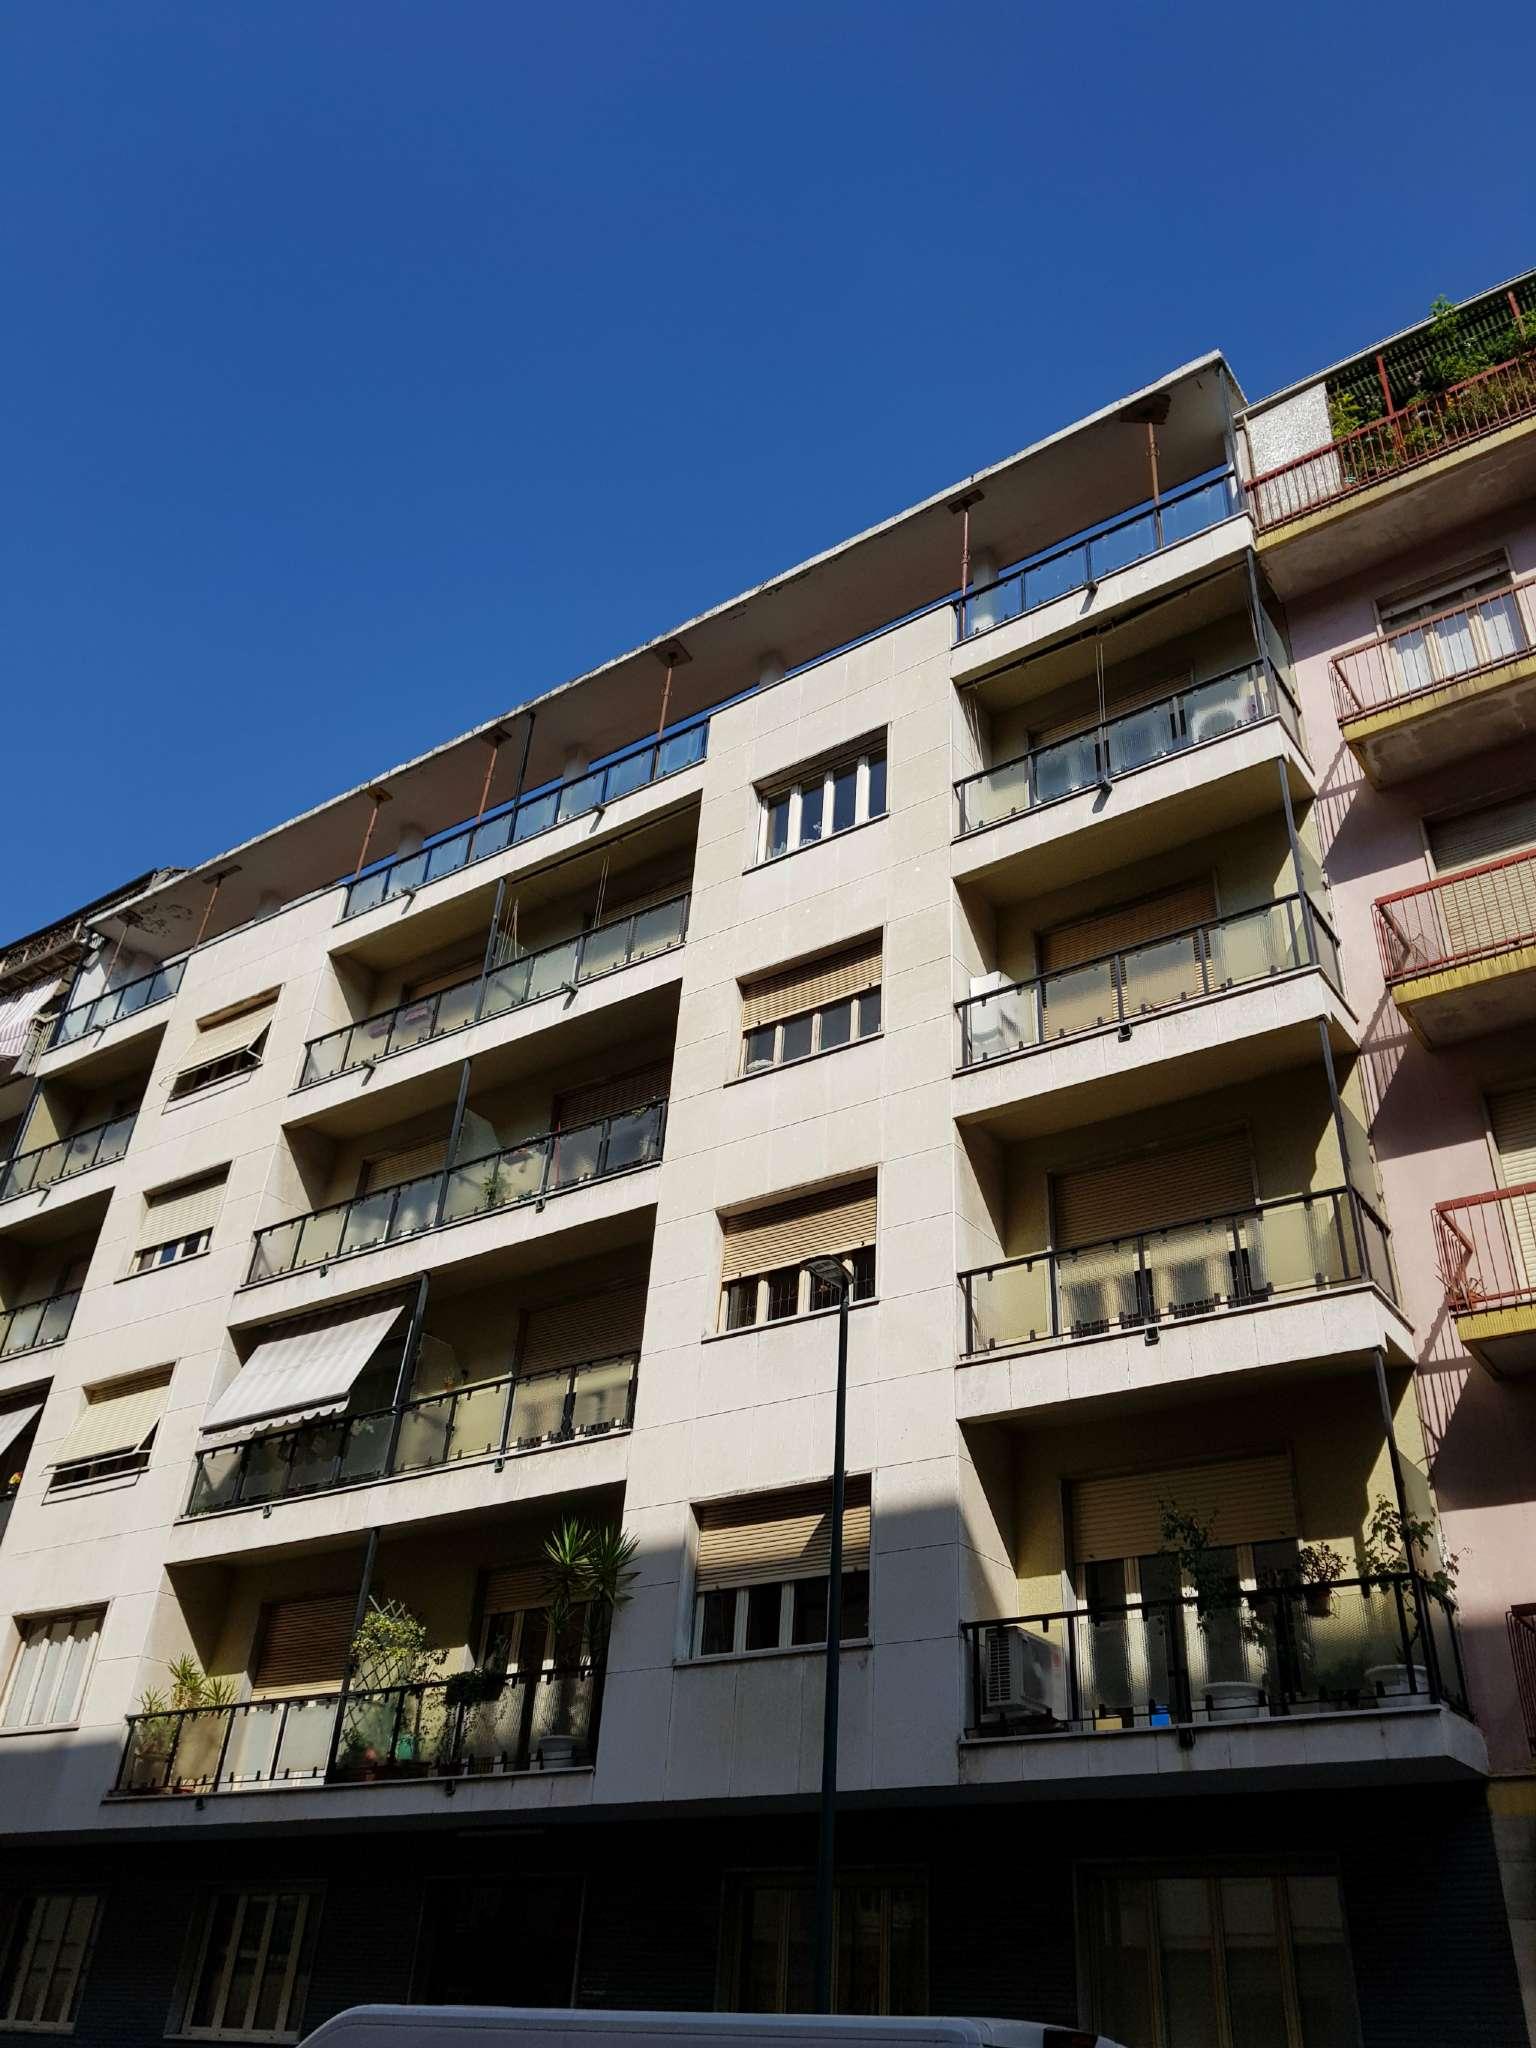 Immagine immobiliare parella via carrera pressi telesio ottimo plurilocale € 248.000 descrizione dell'appartamentolibero entro 10 mesi dal preliminare. l'appartamento, è posto al 3° piano ed è composto da ingresso...